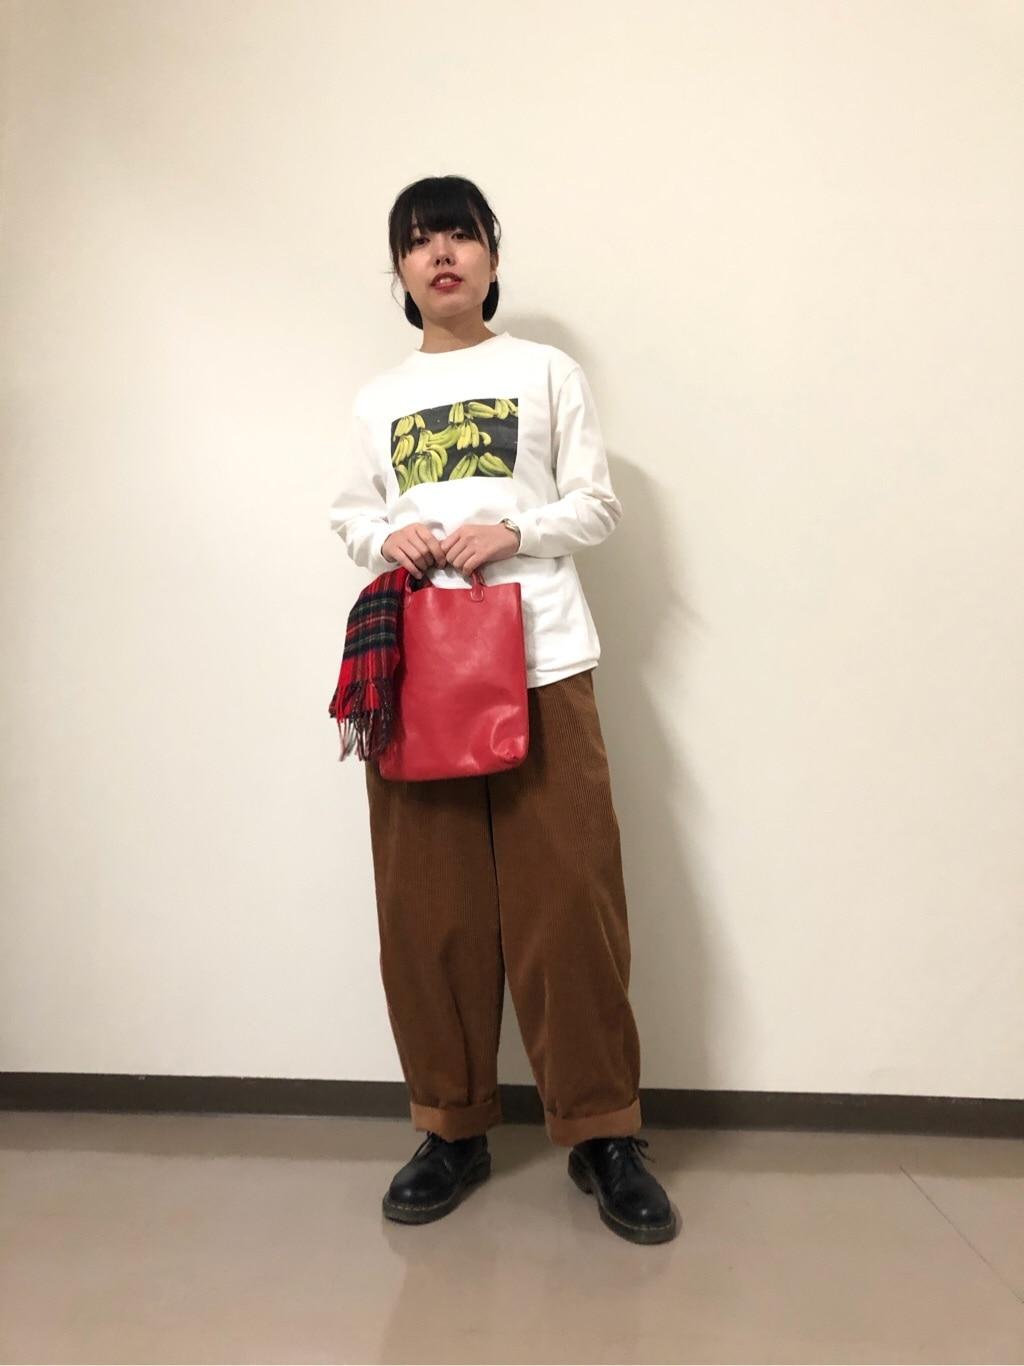 アトレ川崎 2019.11.22